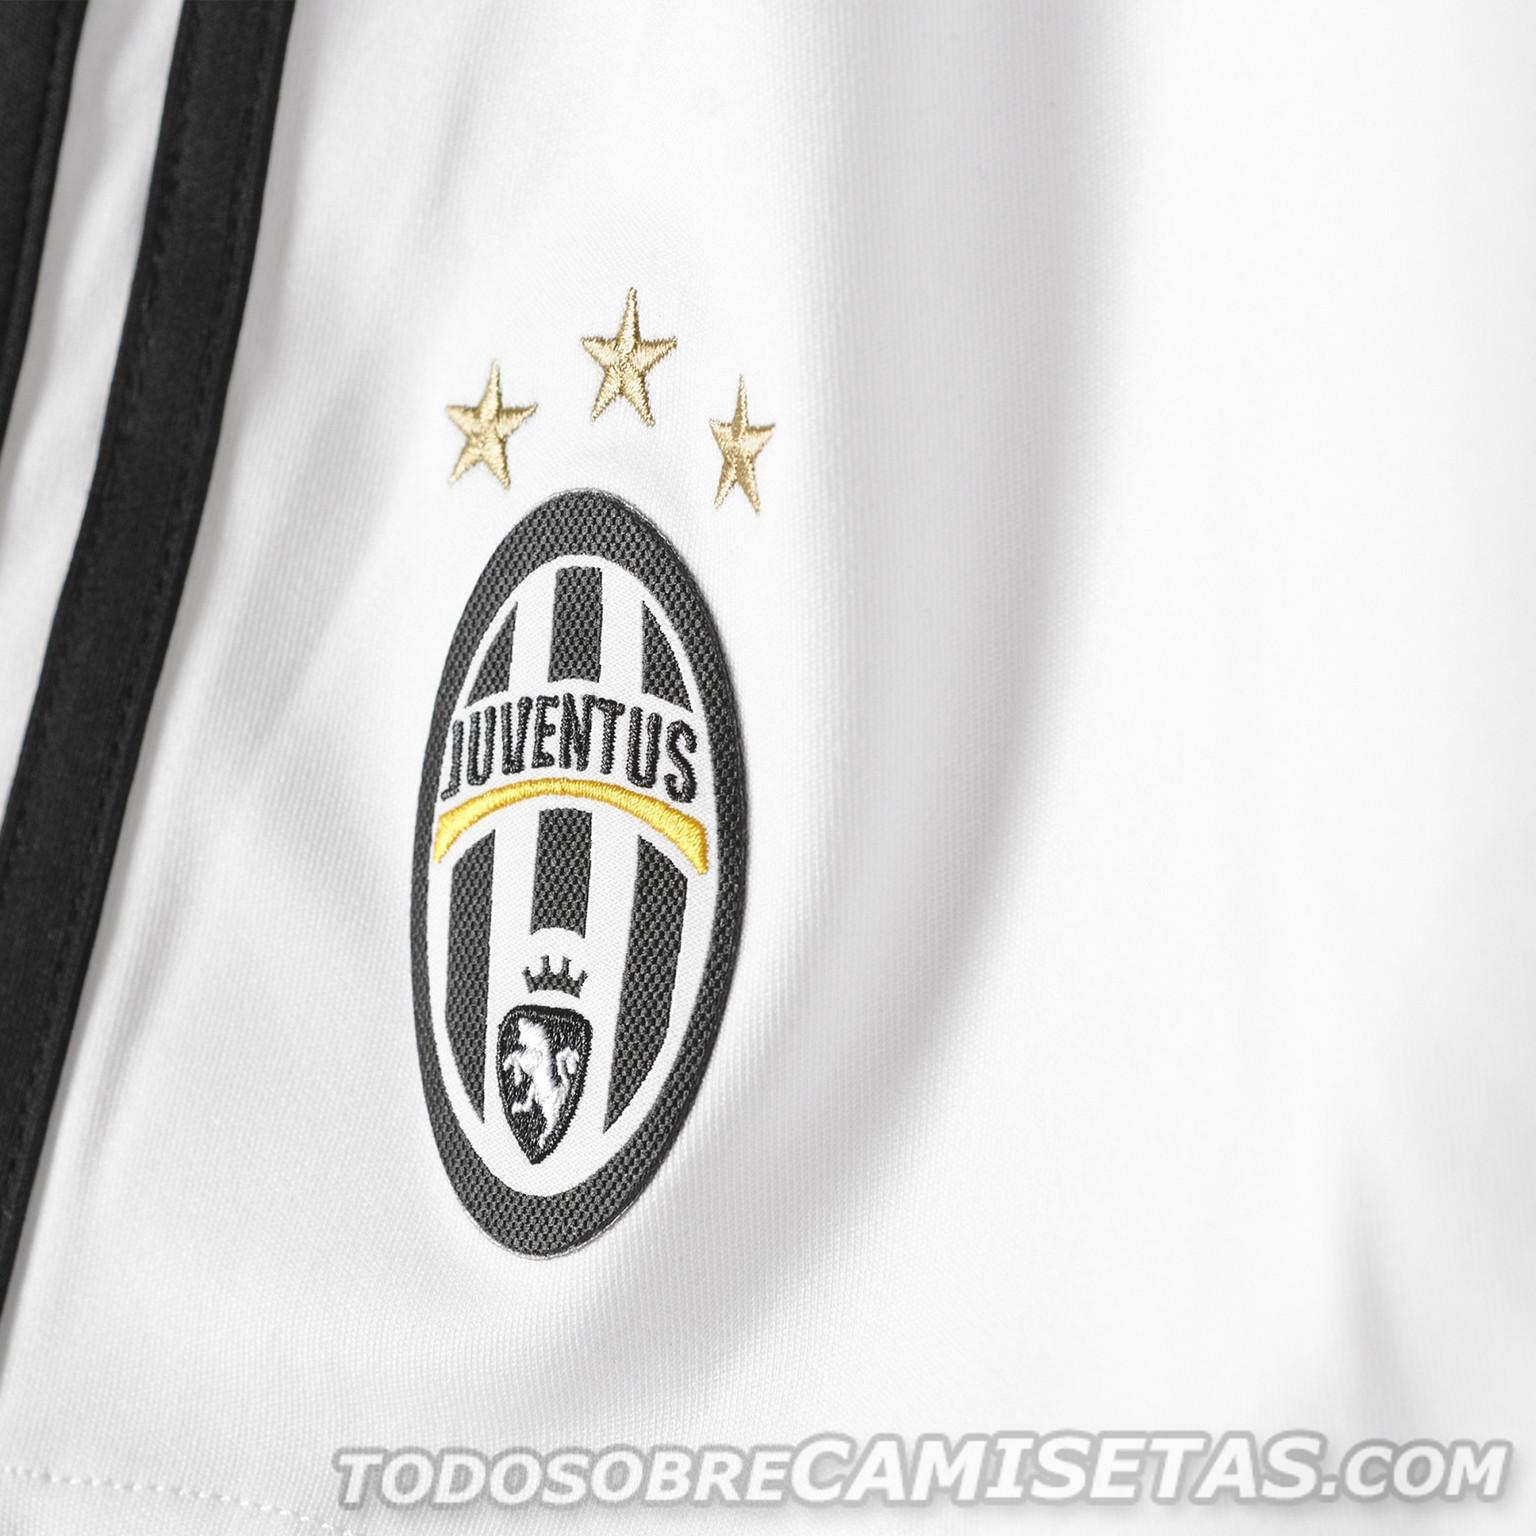 Juventus-2016-17-adidas-new-third-kit-13.jpg